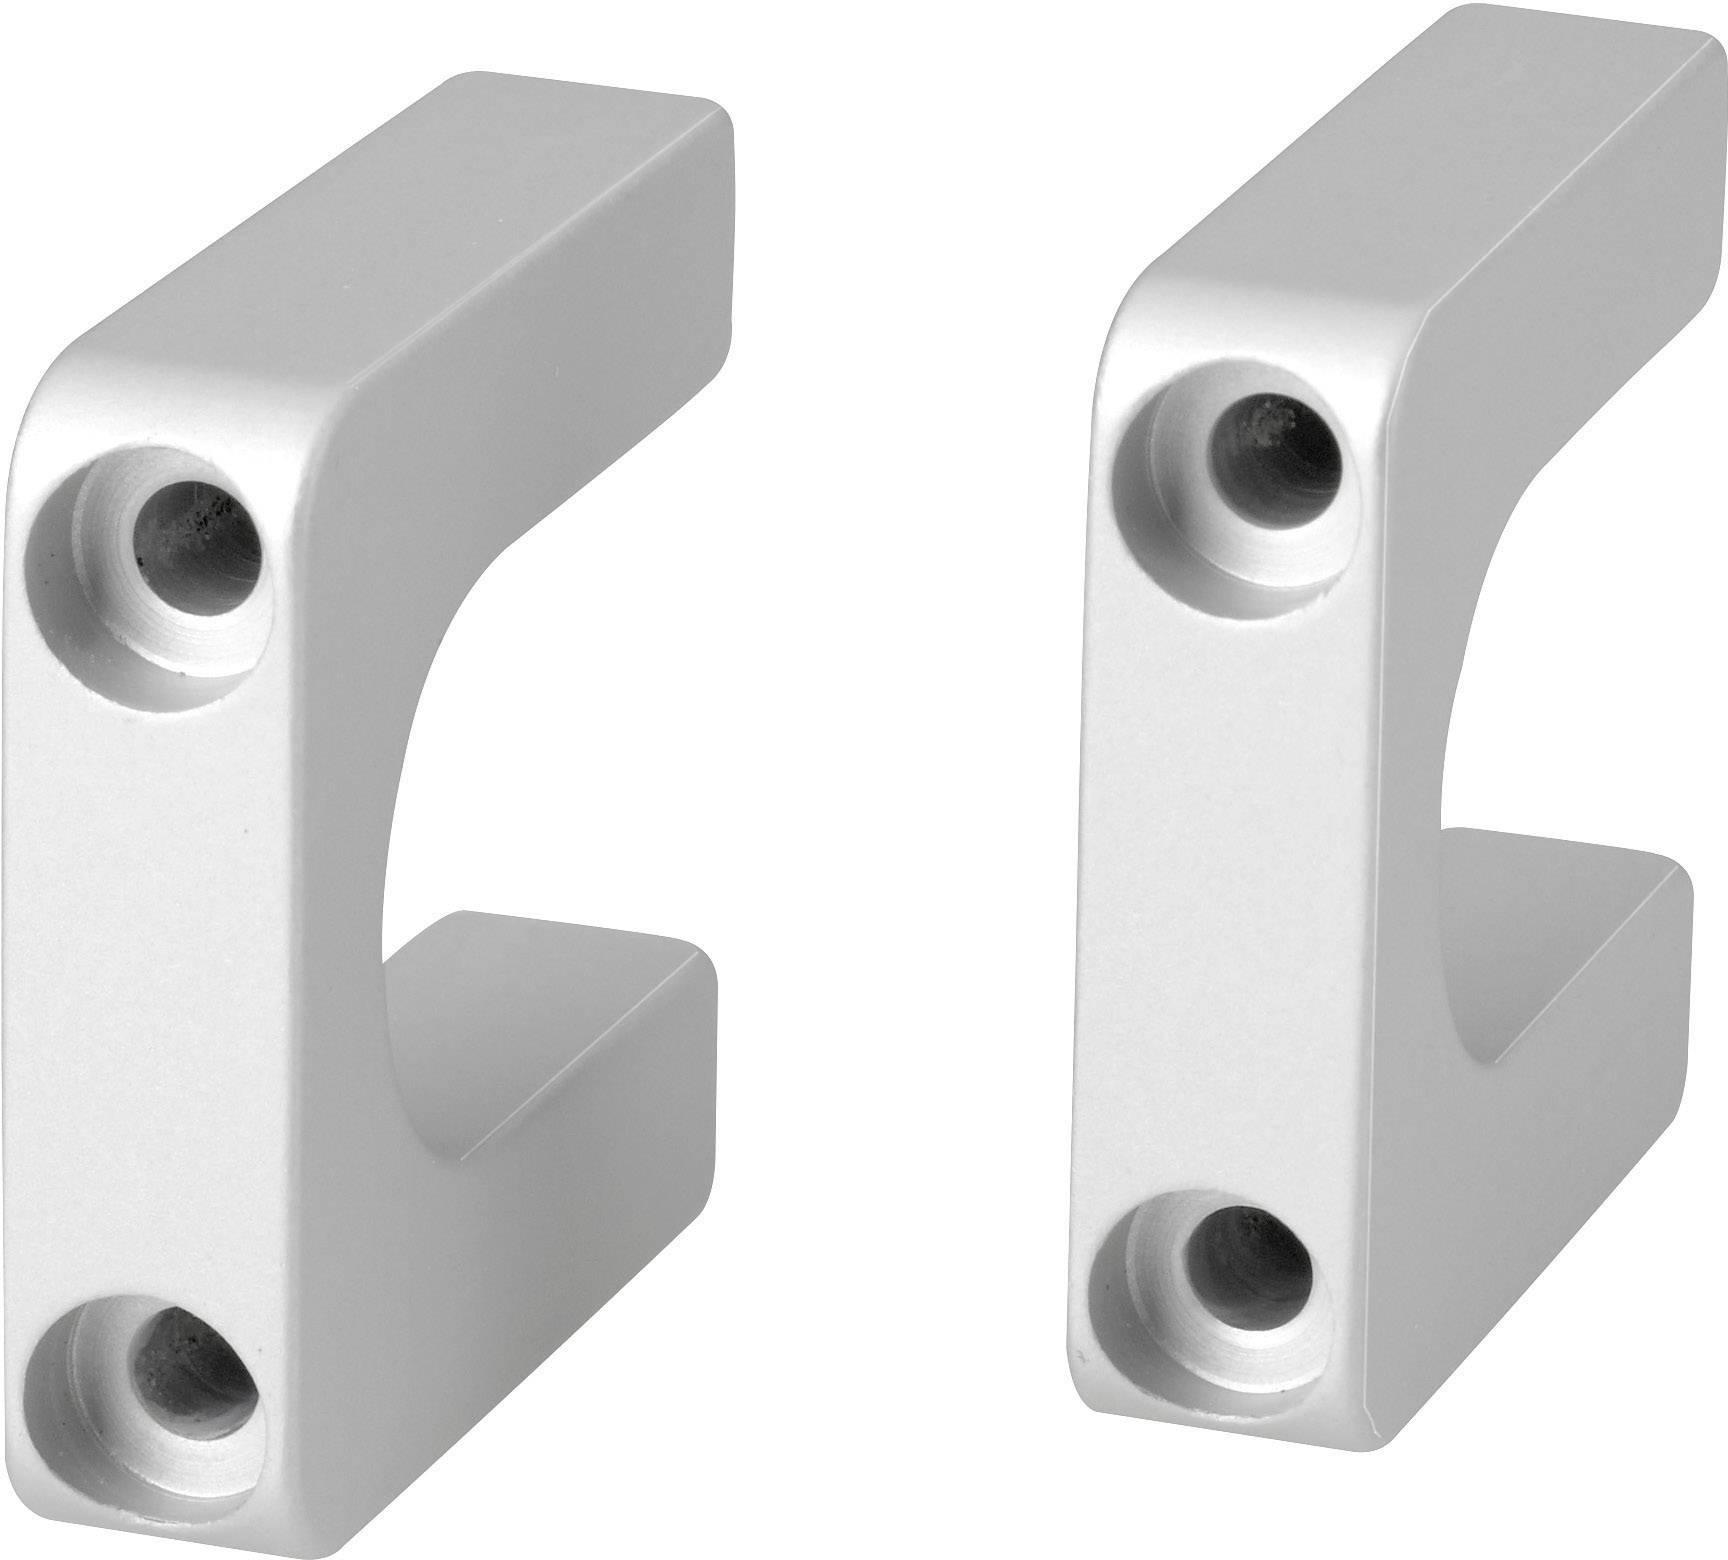 Rukoväť Schroff Multipac 20860-256, (d x š x v) 40 x 40 x 10 mm, umelá hmota, 1 ks